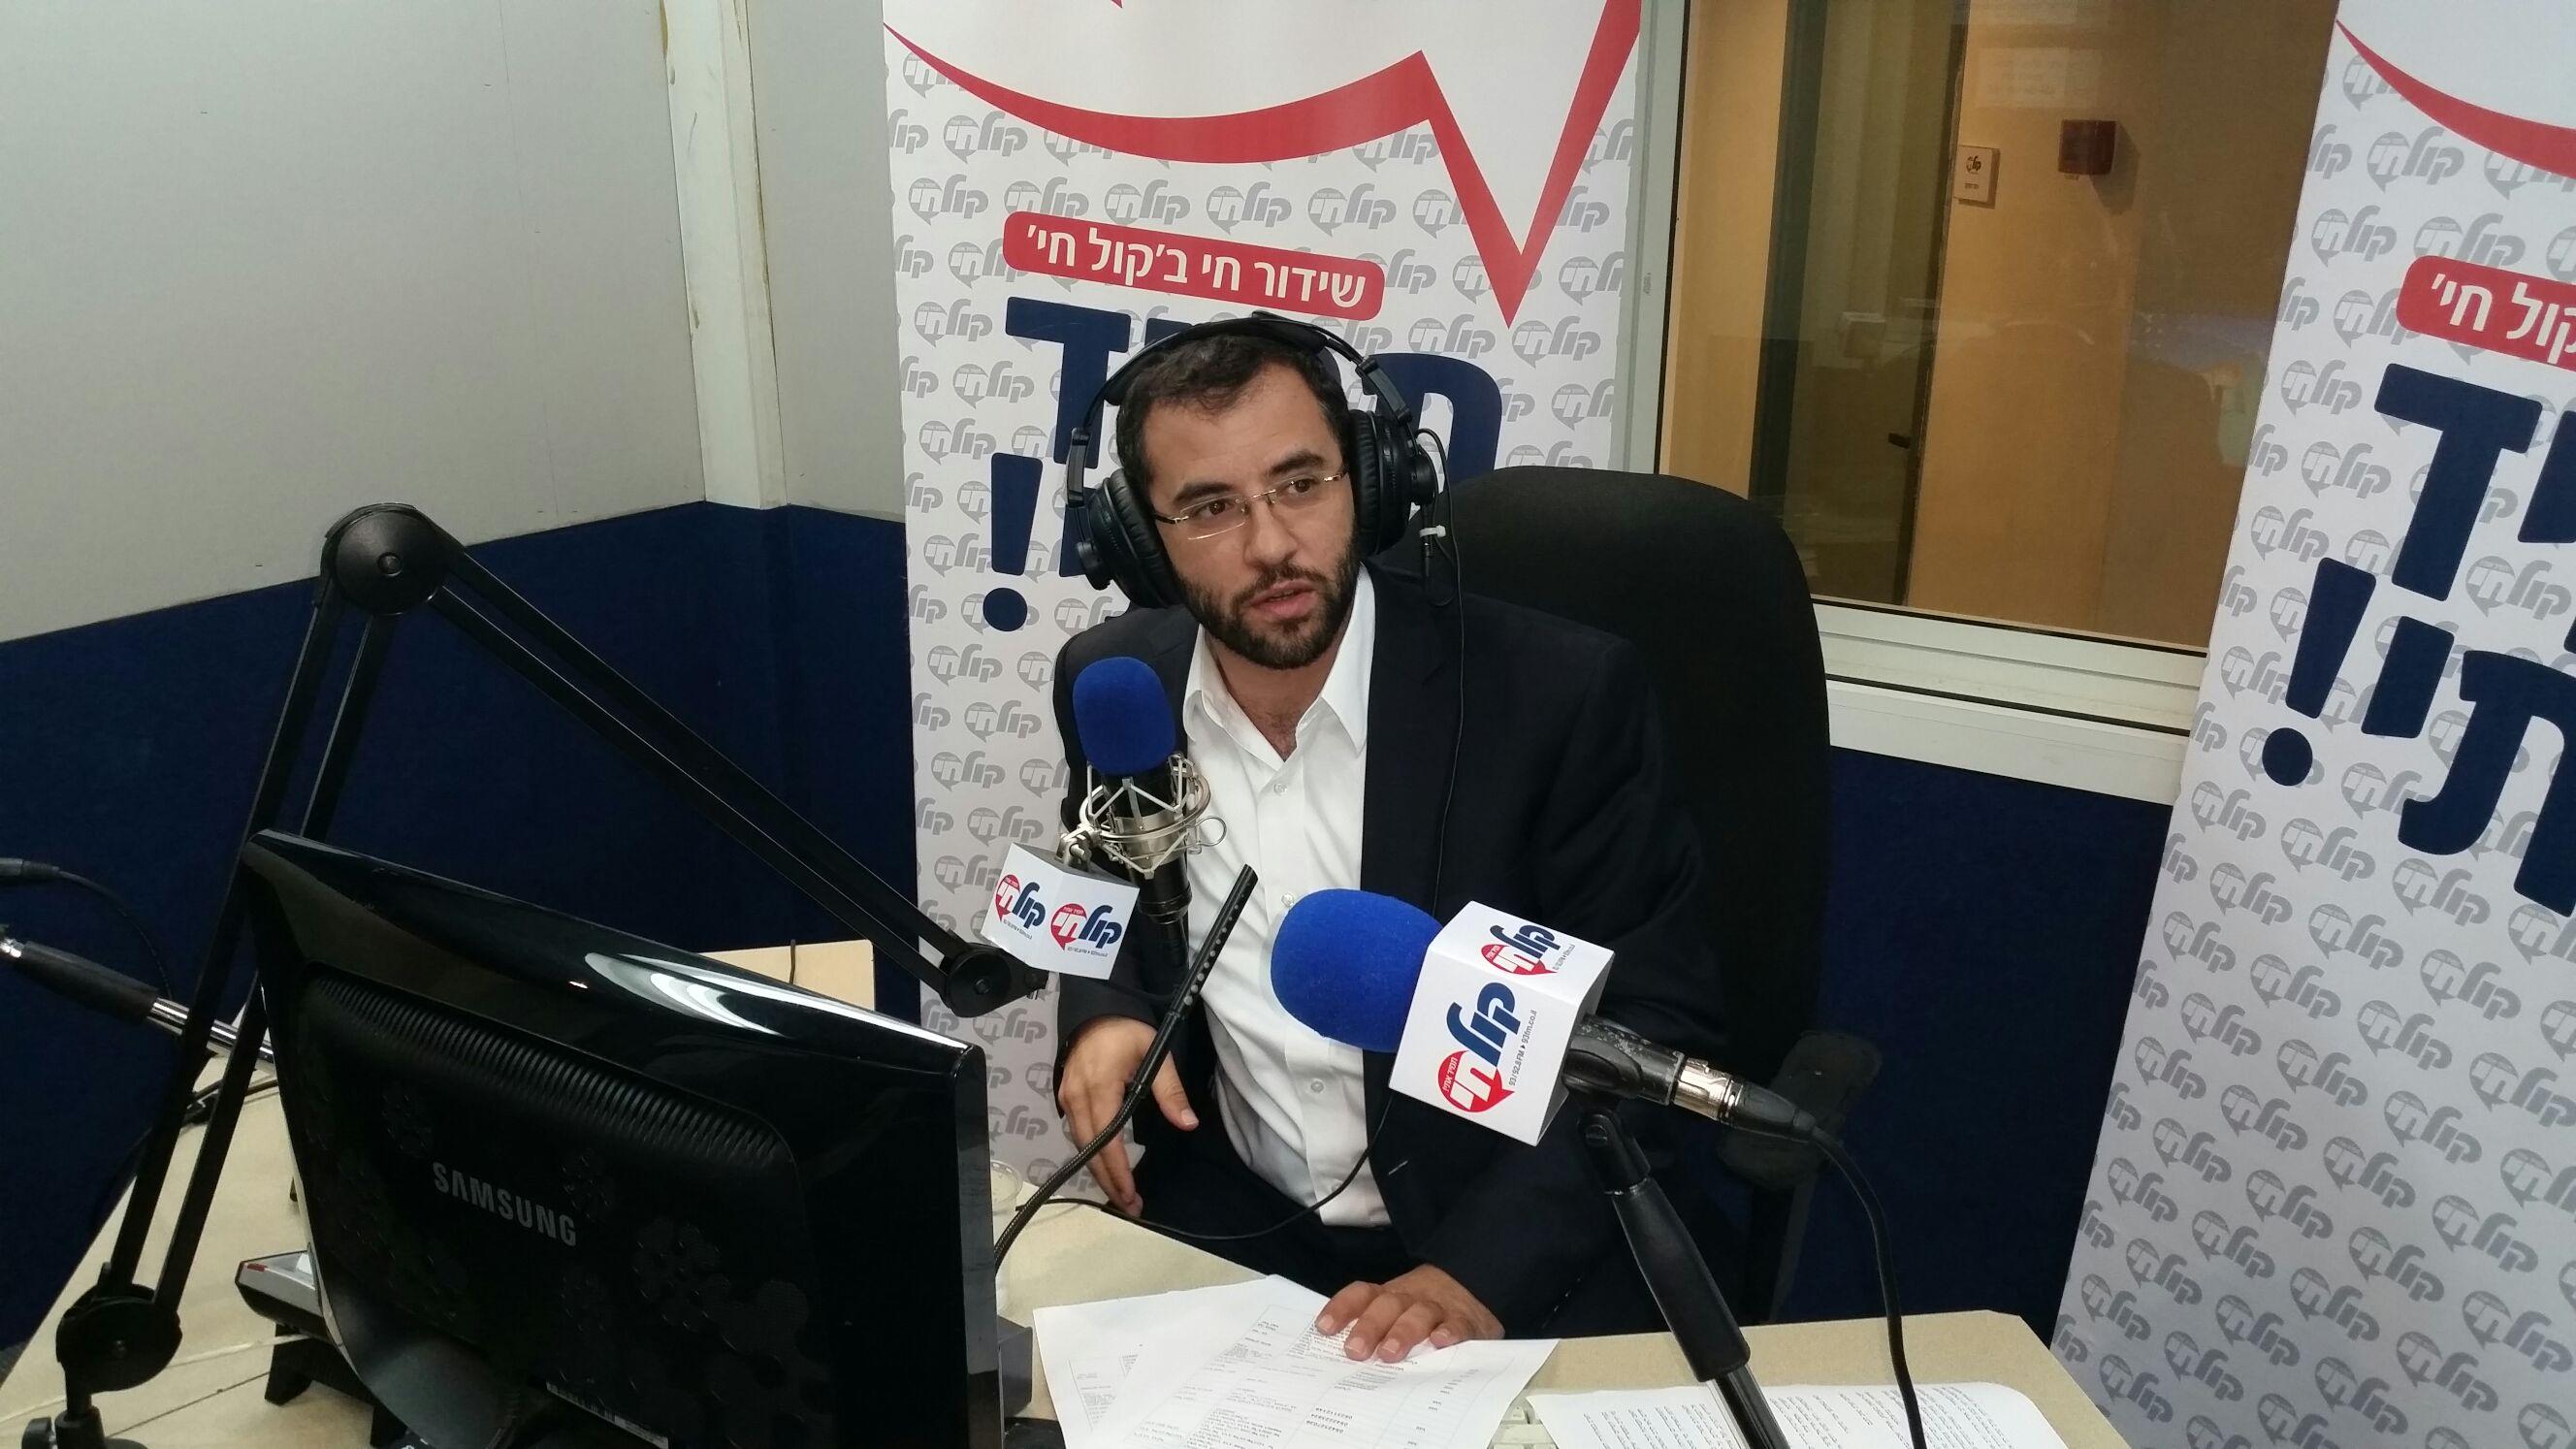 מימרן משתלח בחסידי סאטמר: ״אלפי עמי ארצות״